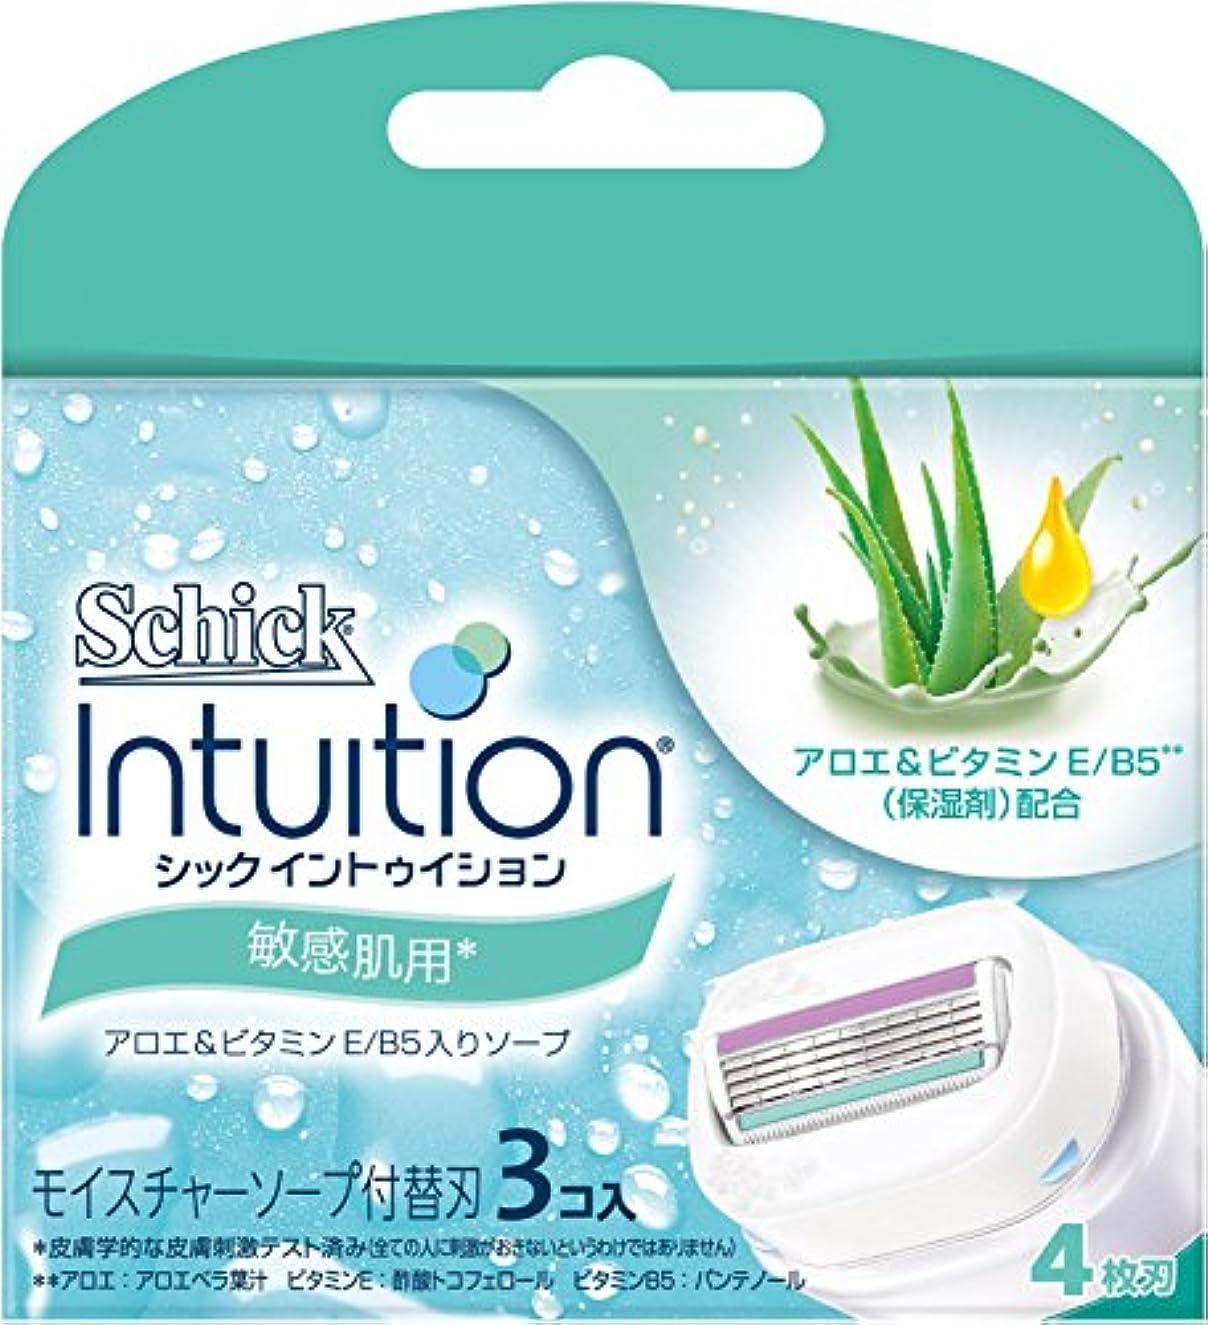 シック Schick イントゥイション 替刃 女性用 カミソリ 敏感肌用(3コ入)